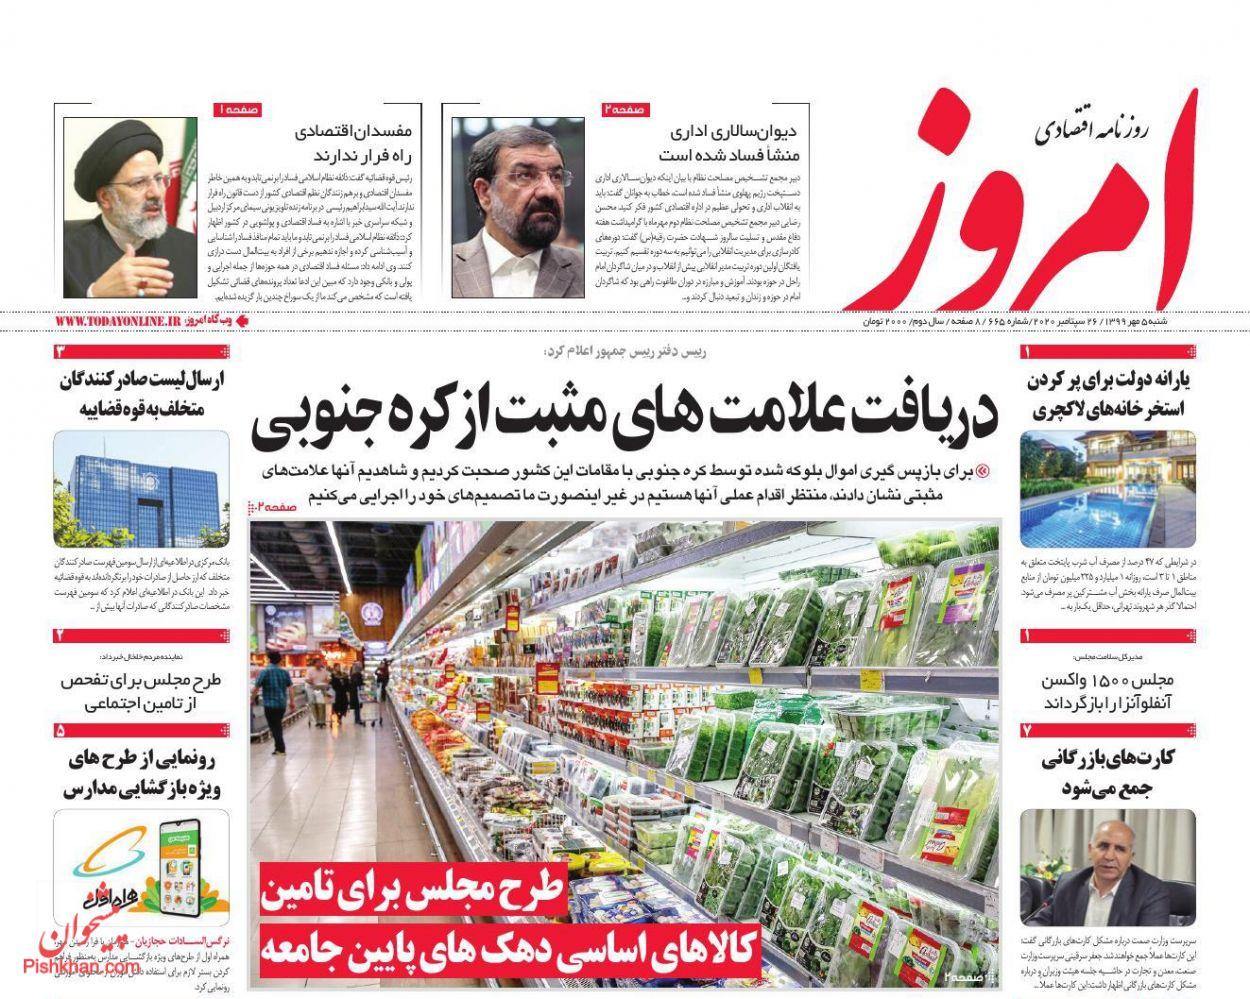 عناوین اخبار روزنامه امروز در روز شنبه ۵ مهر